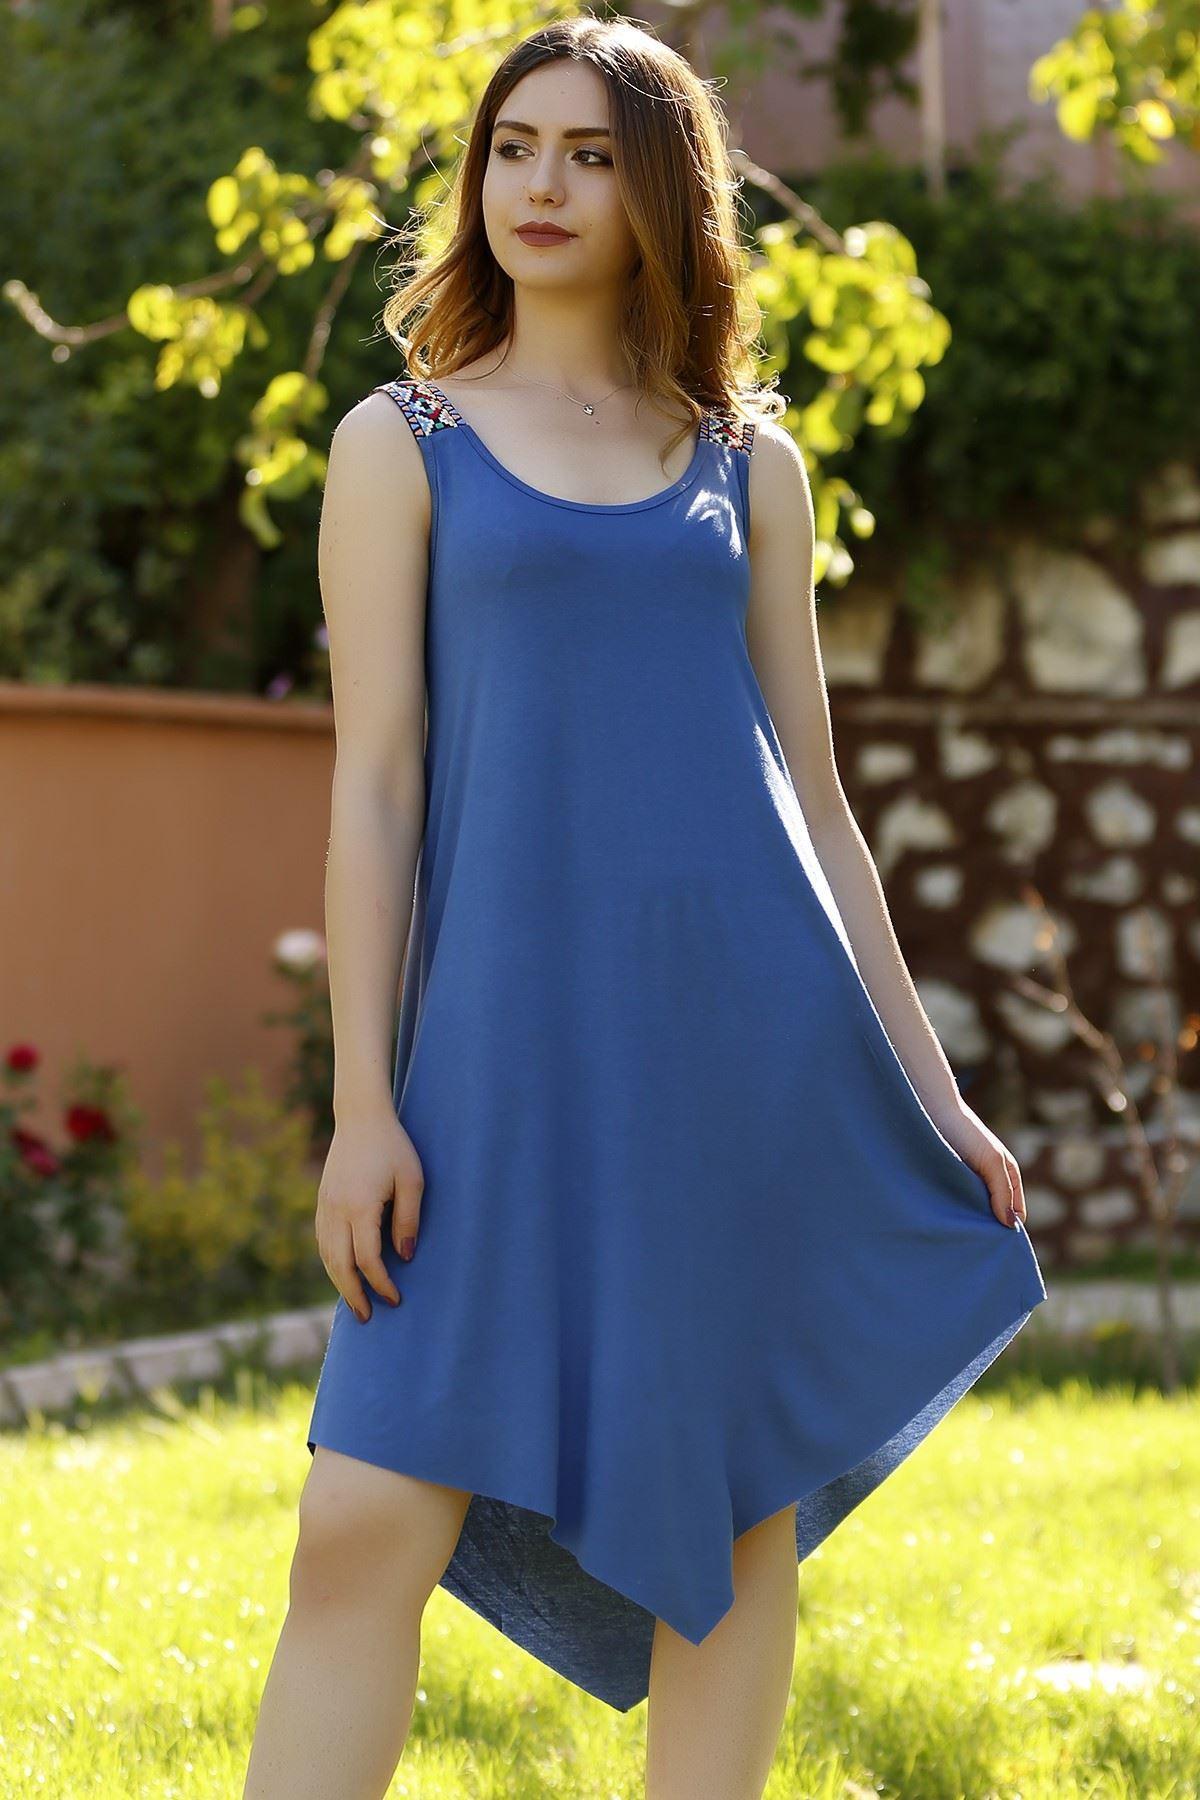 Omuzu Aksesuarlı Elbise Mavi - 1221.1095.